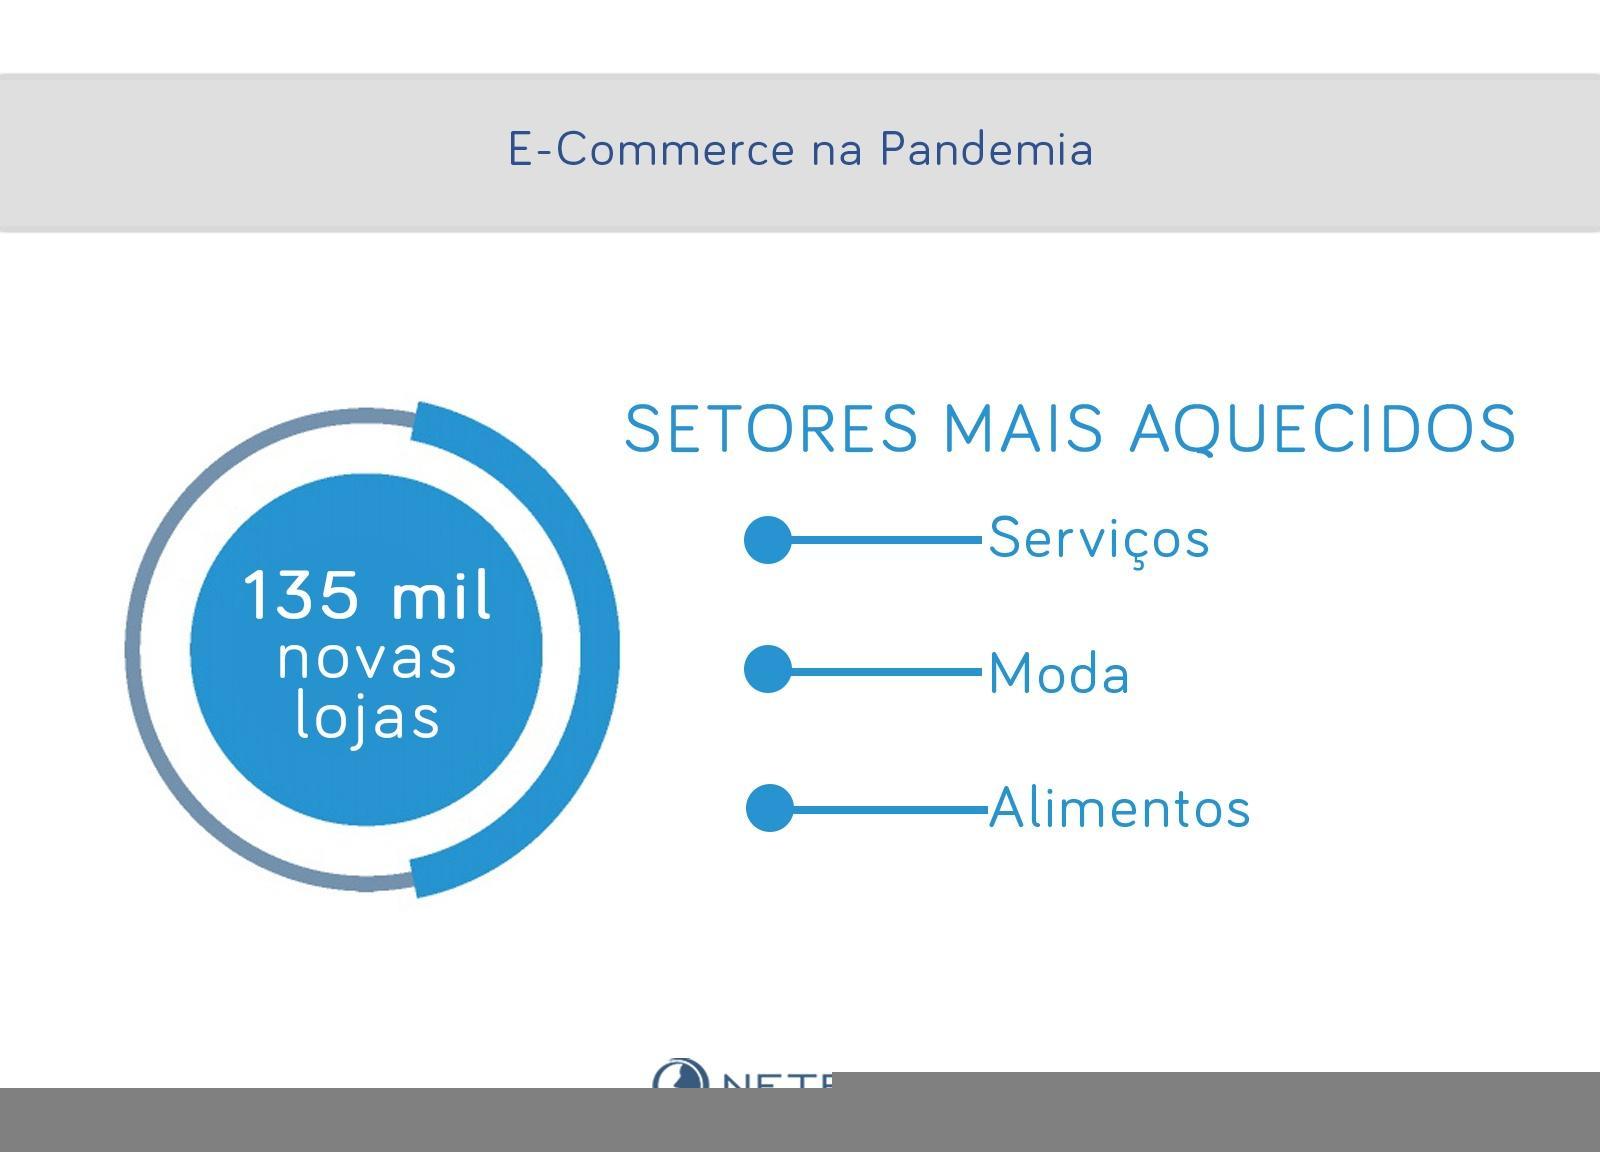 135 mil novas lojas virtuais desde o início da pandemia